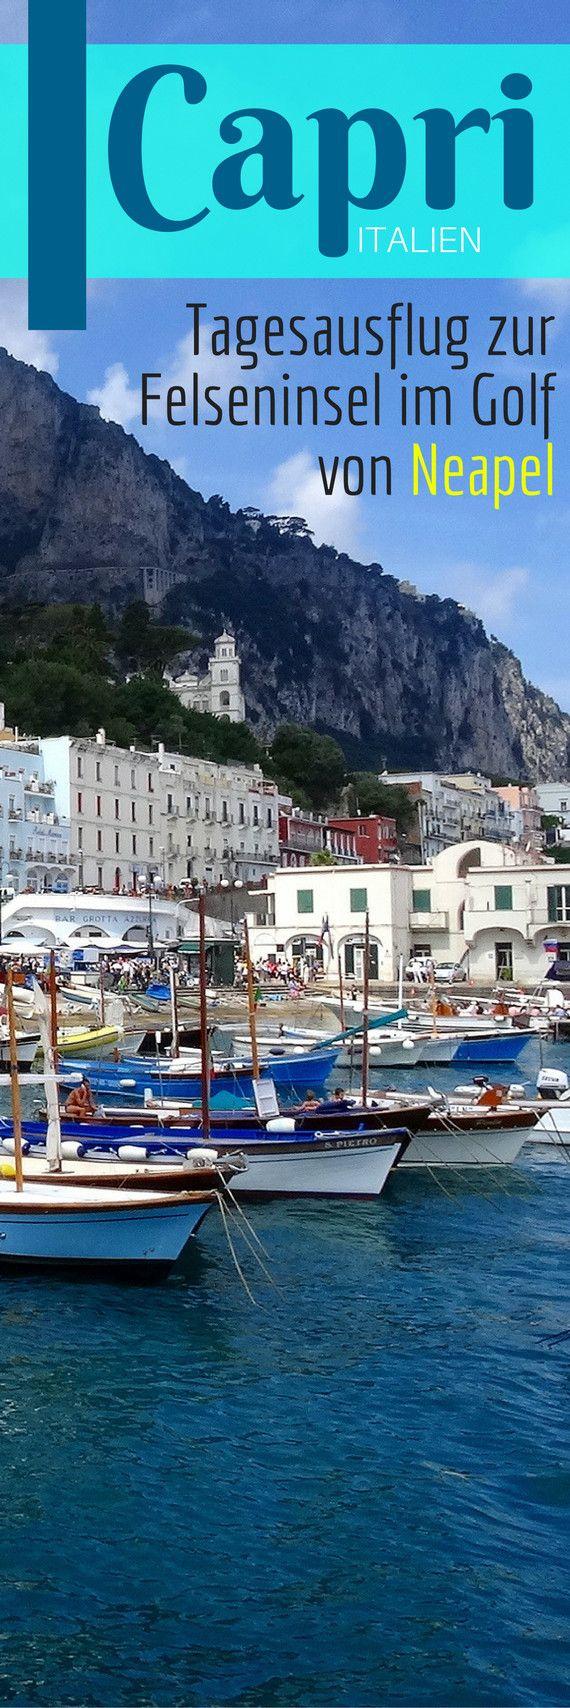 48 Hours in Capri - Italy Travel and Life | Italy Travel ... |Capri Italy Golf